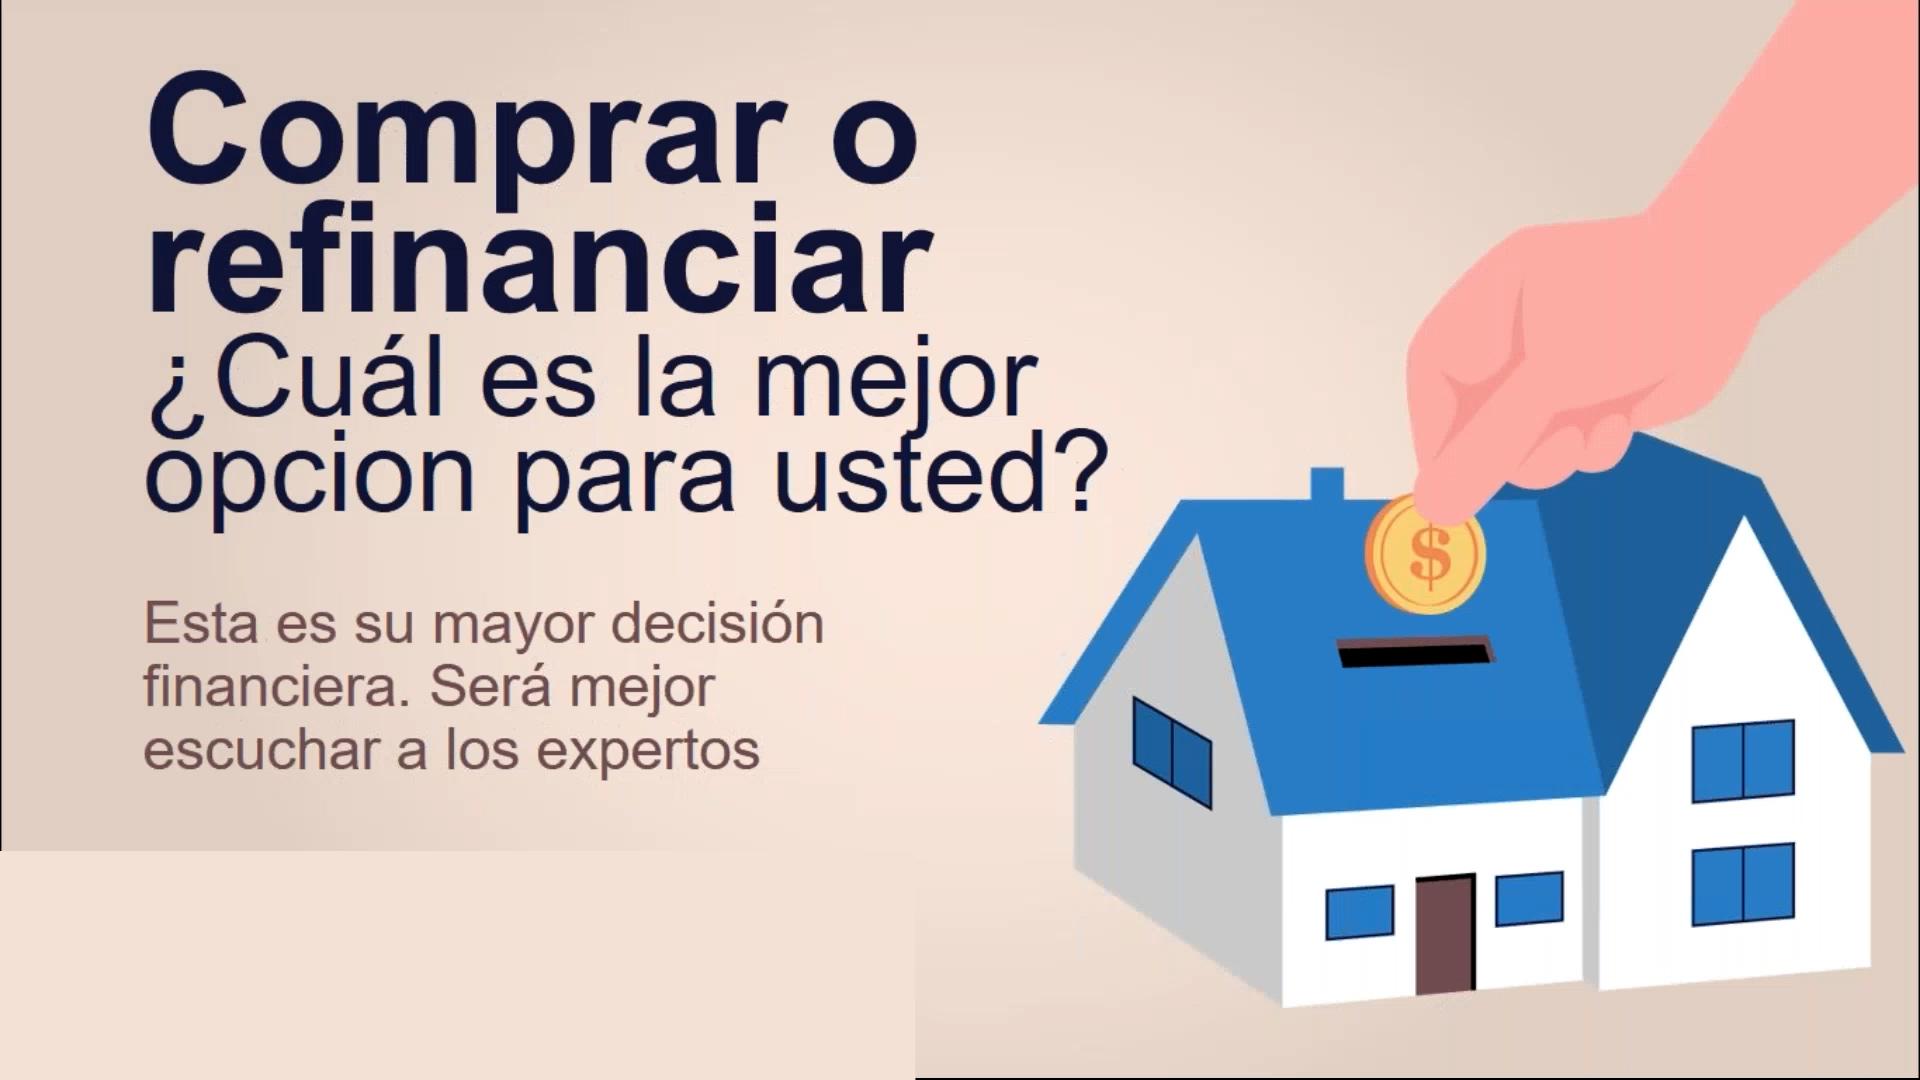 Comprar o refinanciar: ¿cuál es mejor para usted?